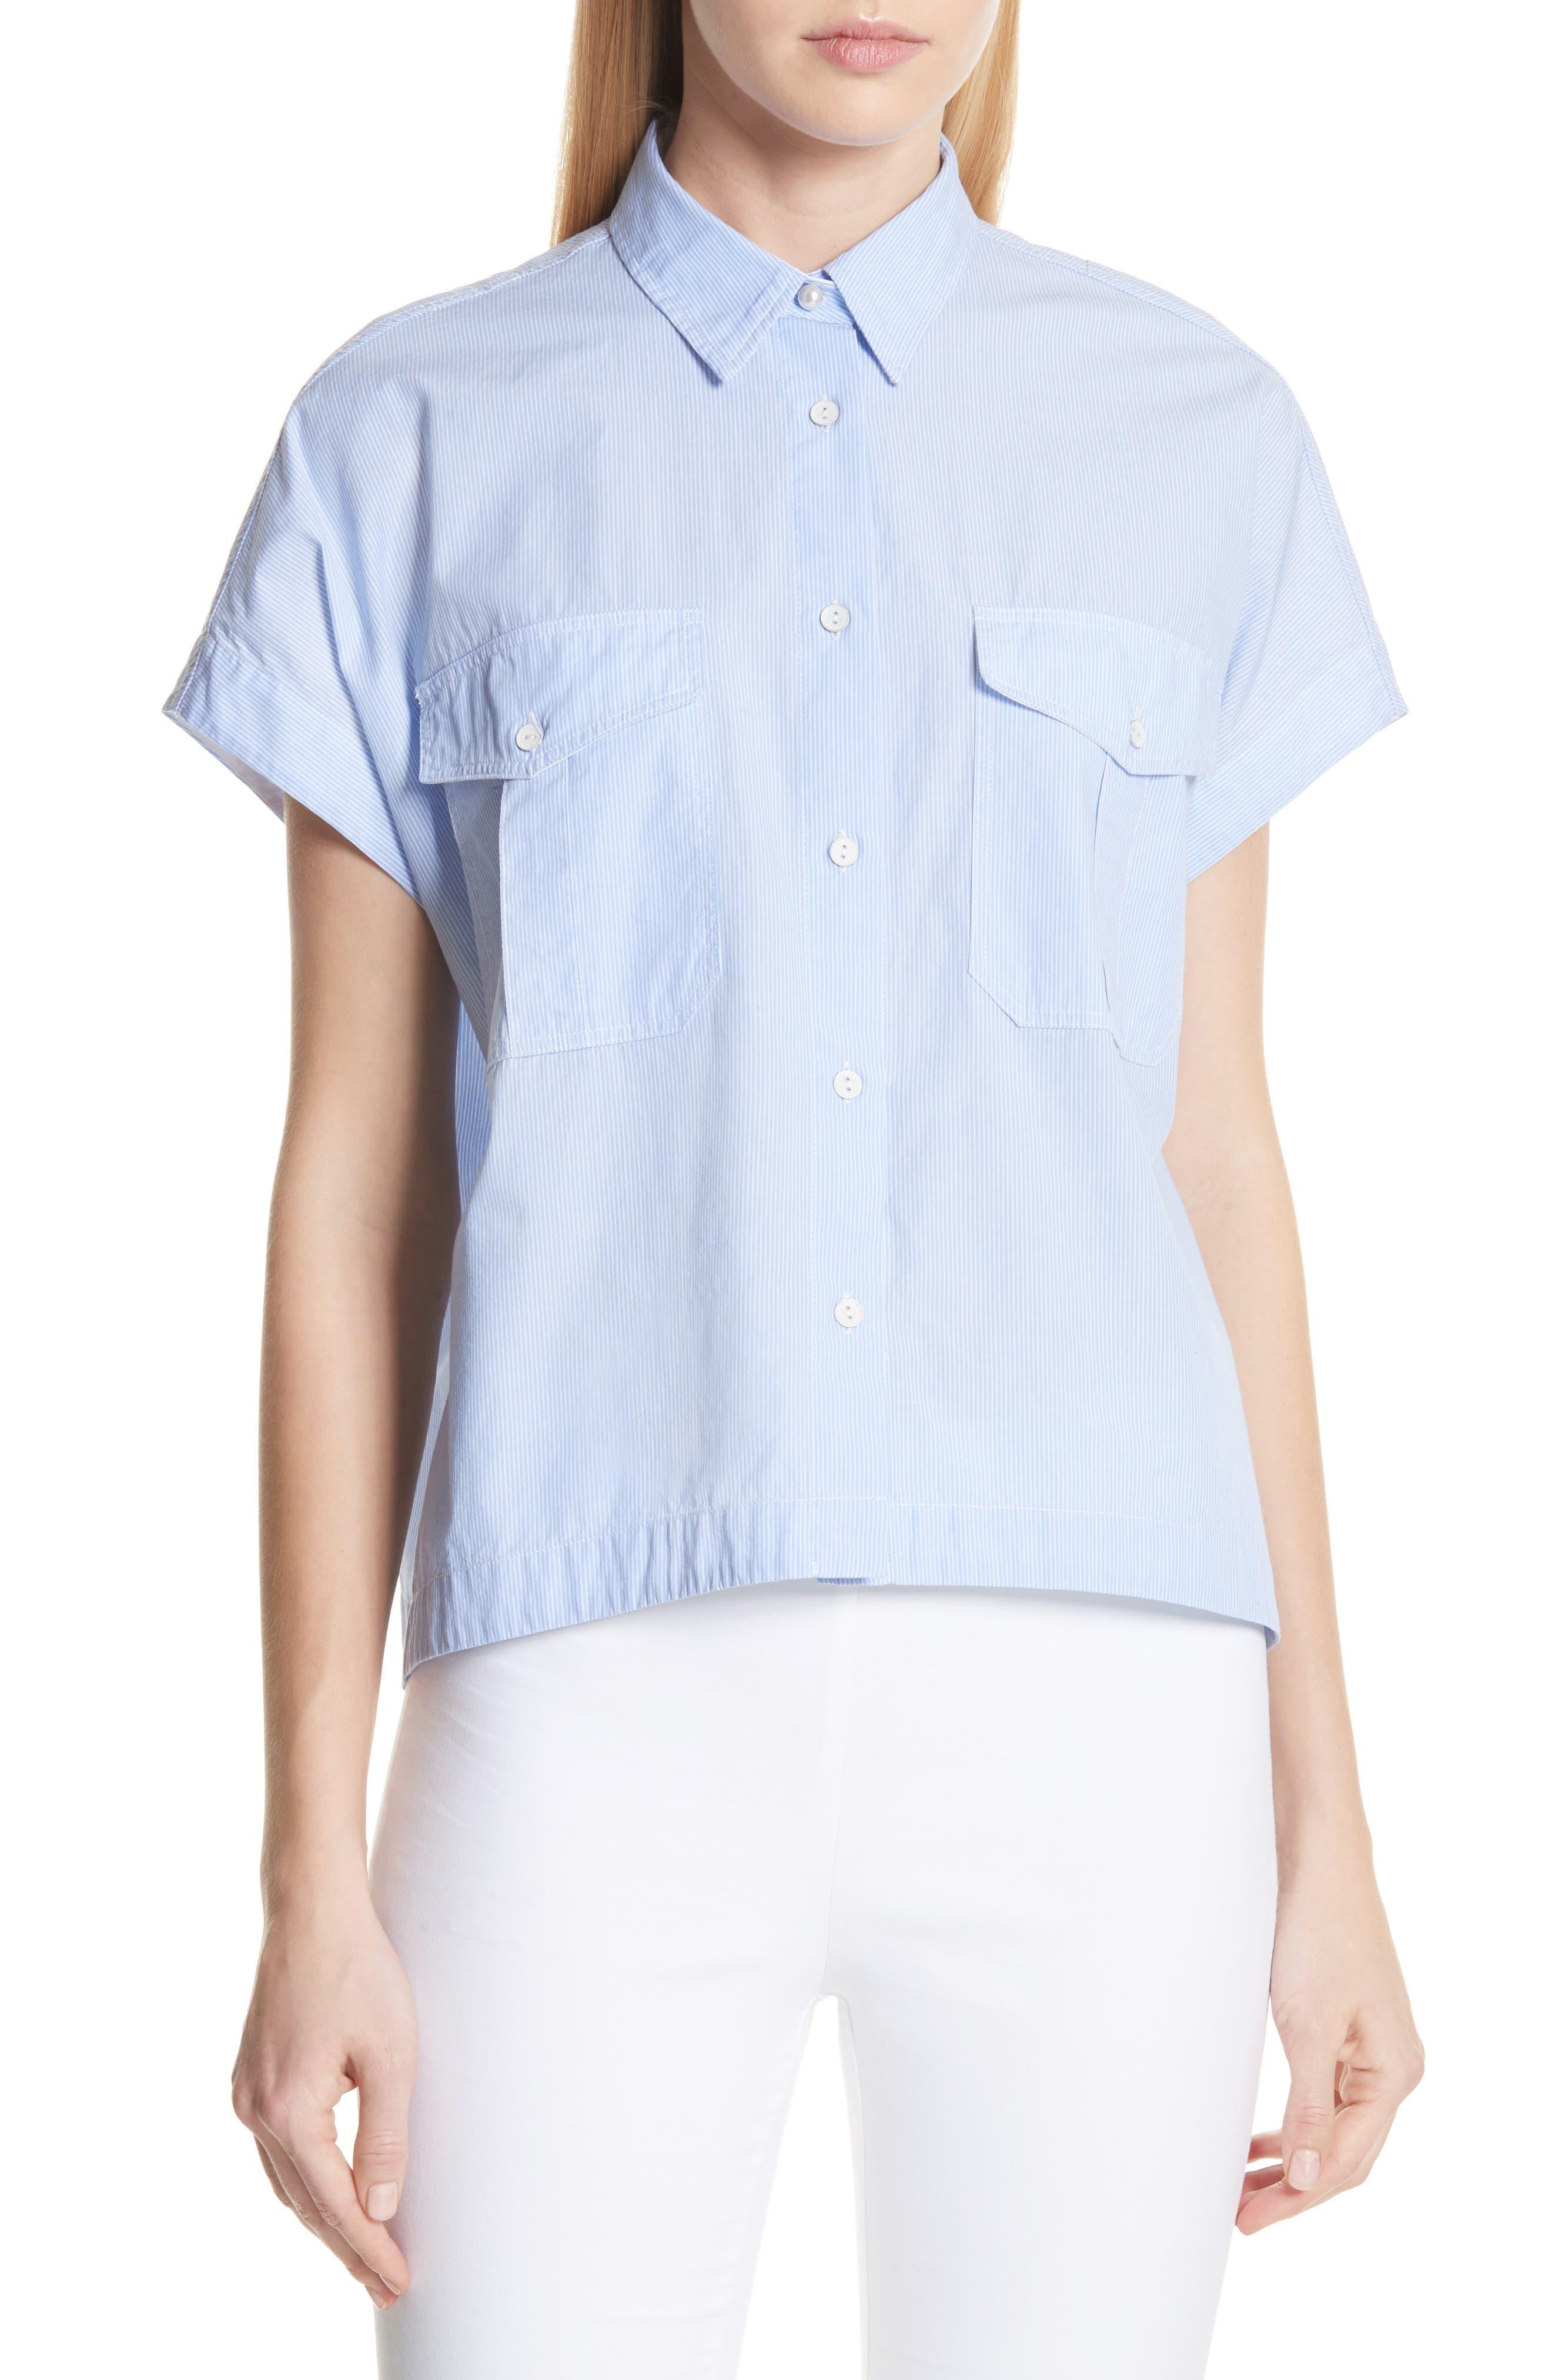 Pearson Shirt,                             Main thumbnail 1, color,                             Light Blue Multi